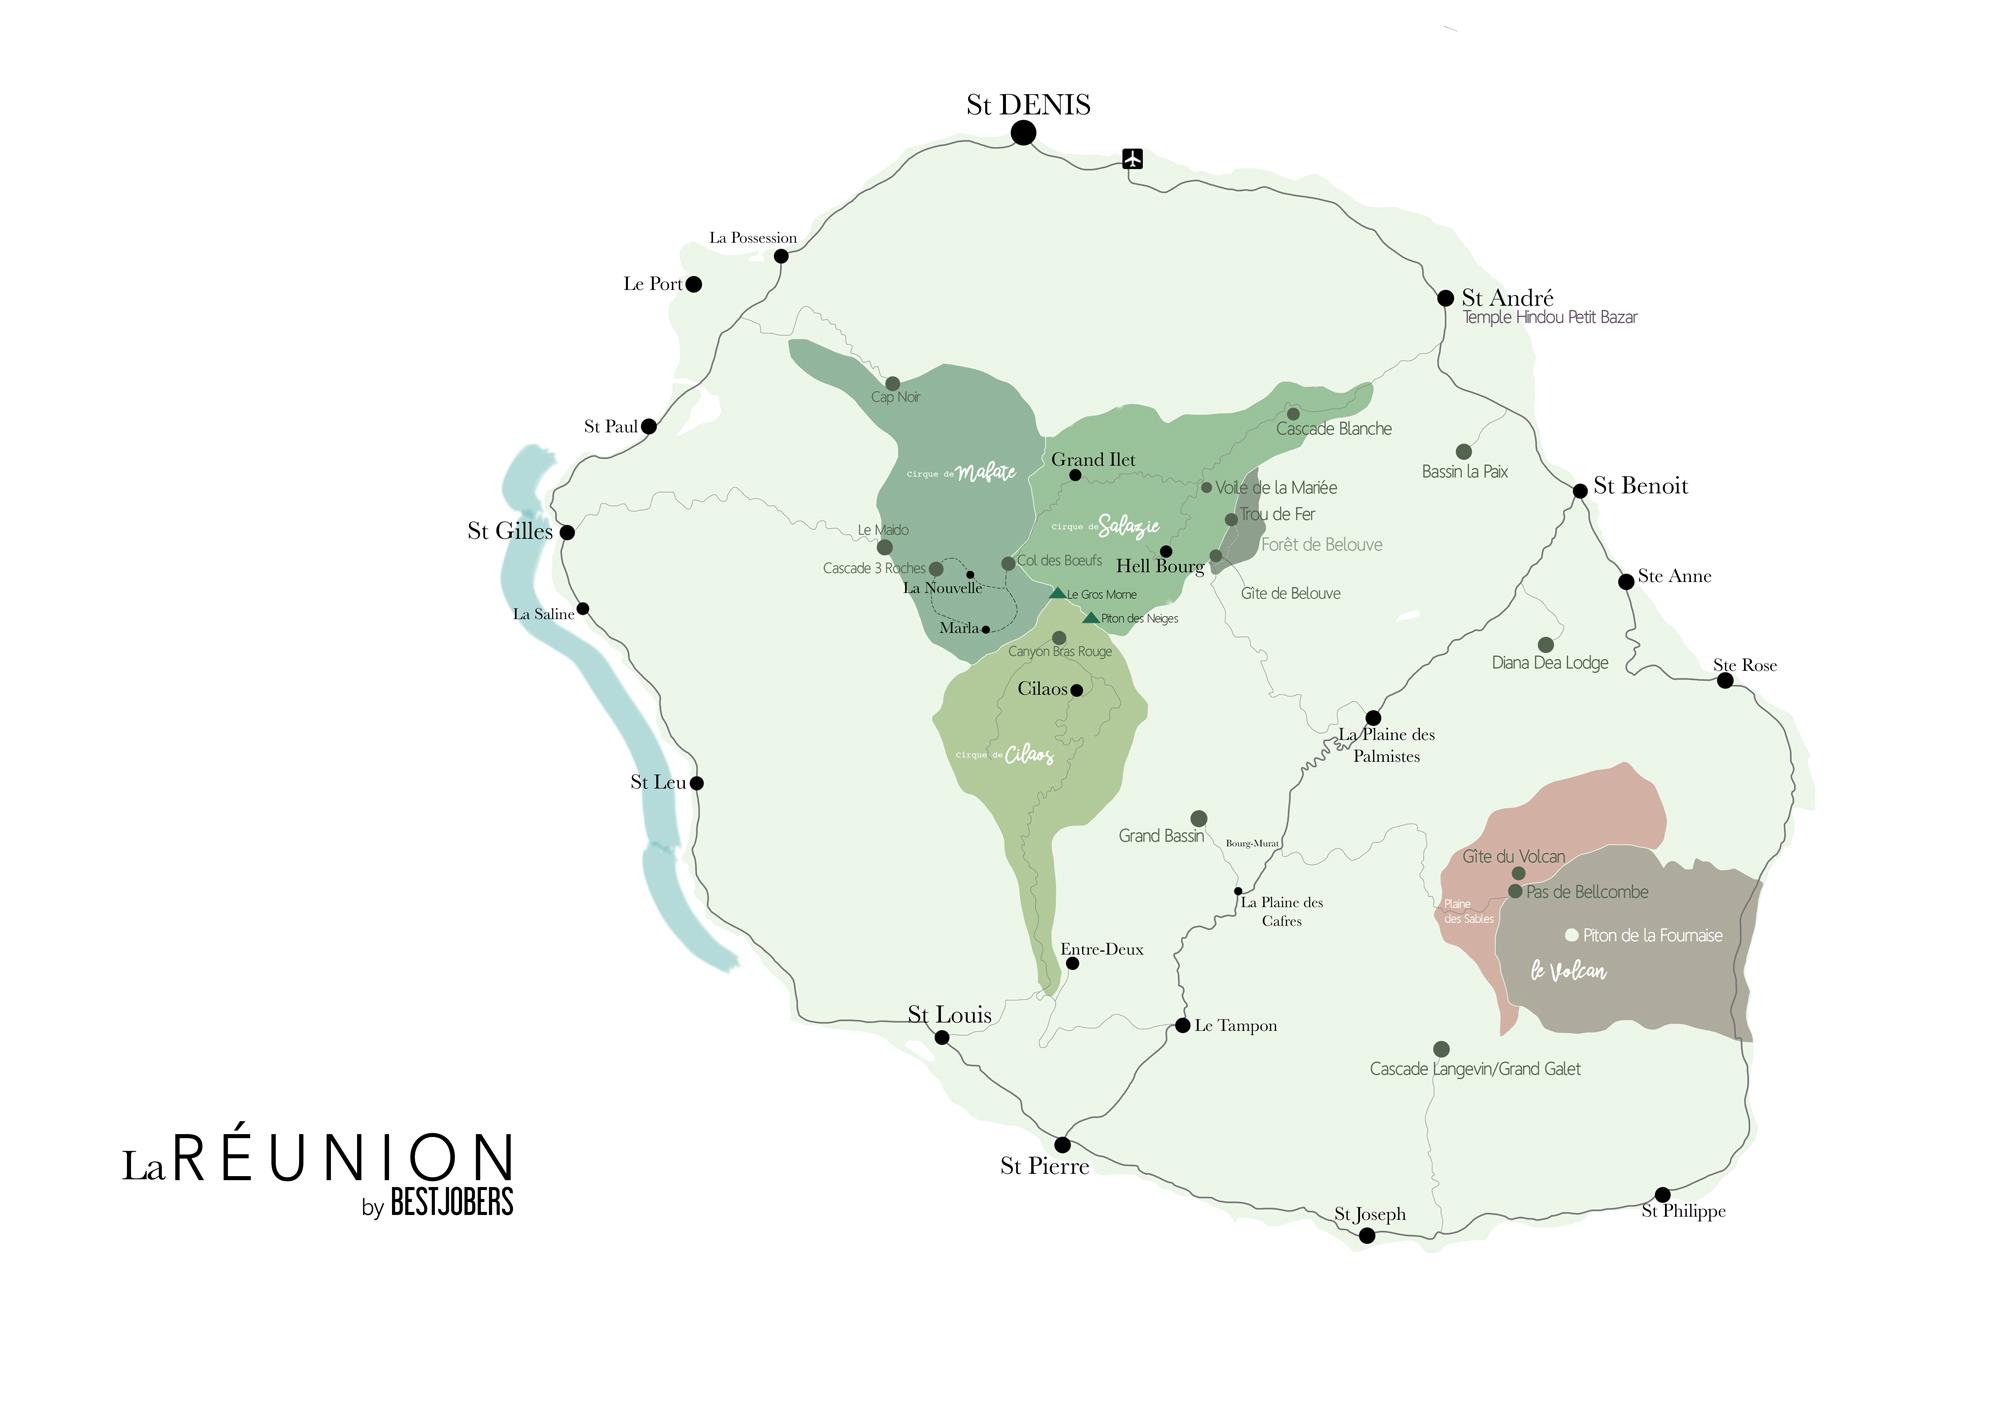 Carte de le Réunion - Incontournables - Road Trip 10 jours - Bestjobers